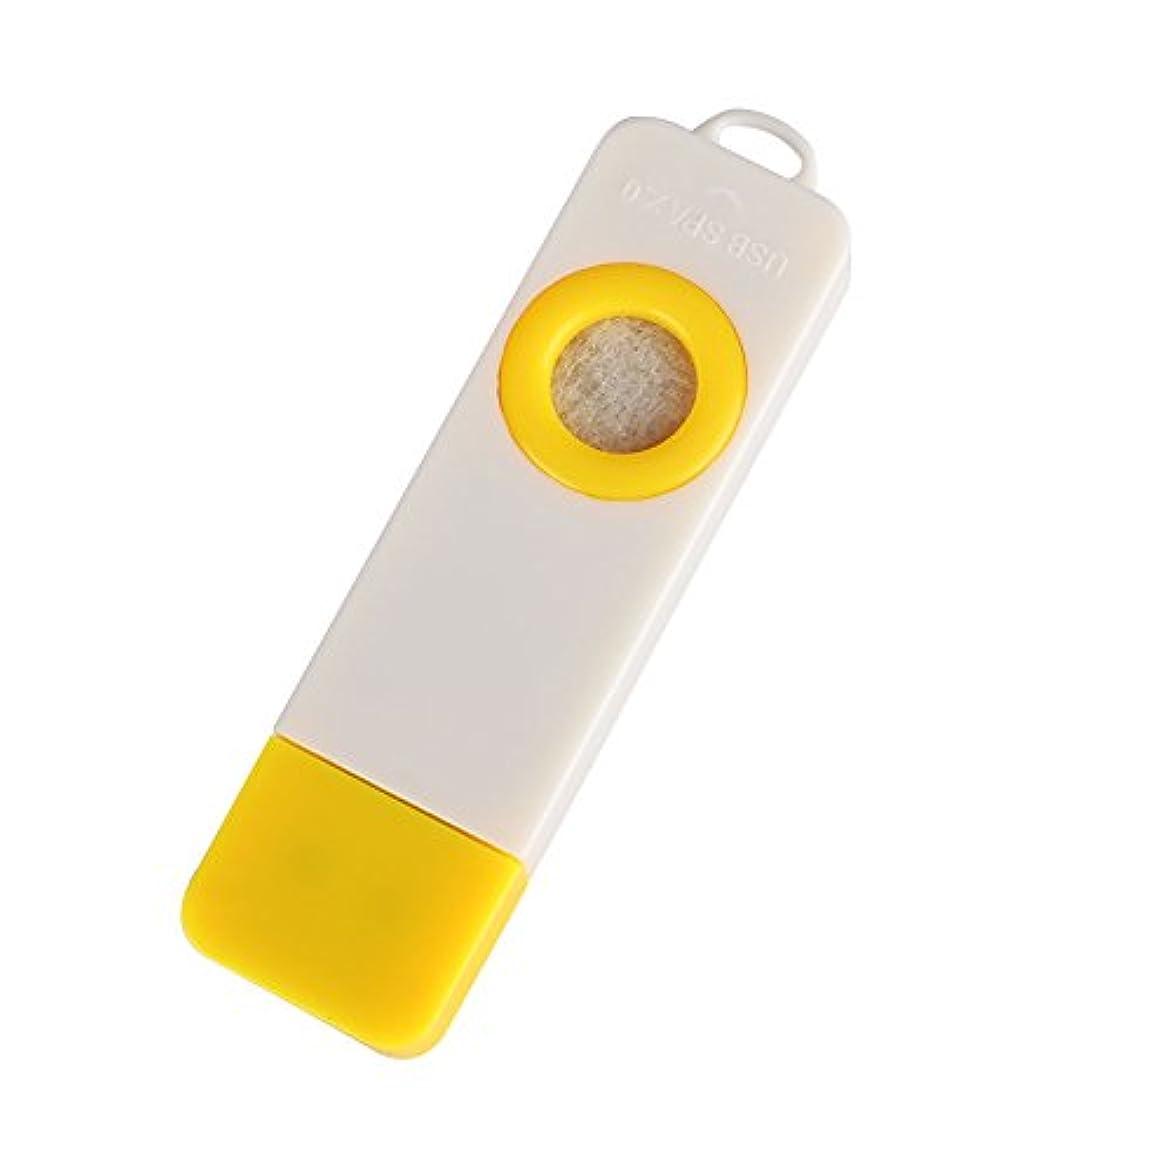 自由ゴミ宇宙飛行士TOPmountain ファッションミニ USBアロマセラピーディフューザー ポータブル自動香 カーアクセサリーアクセサリー ホームアロマセラピー 健康アロマ オイル加湿器